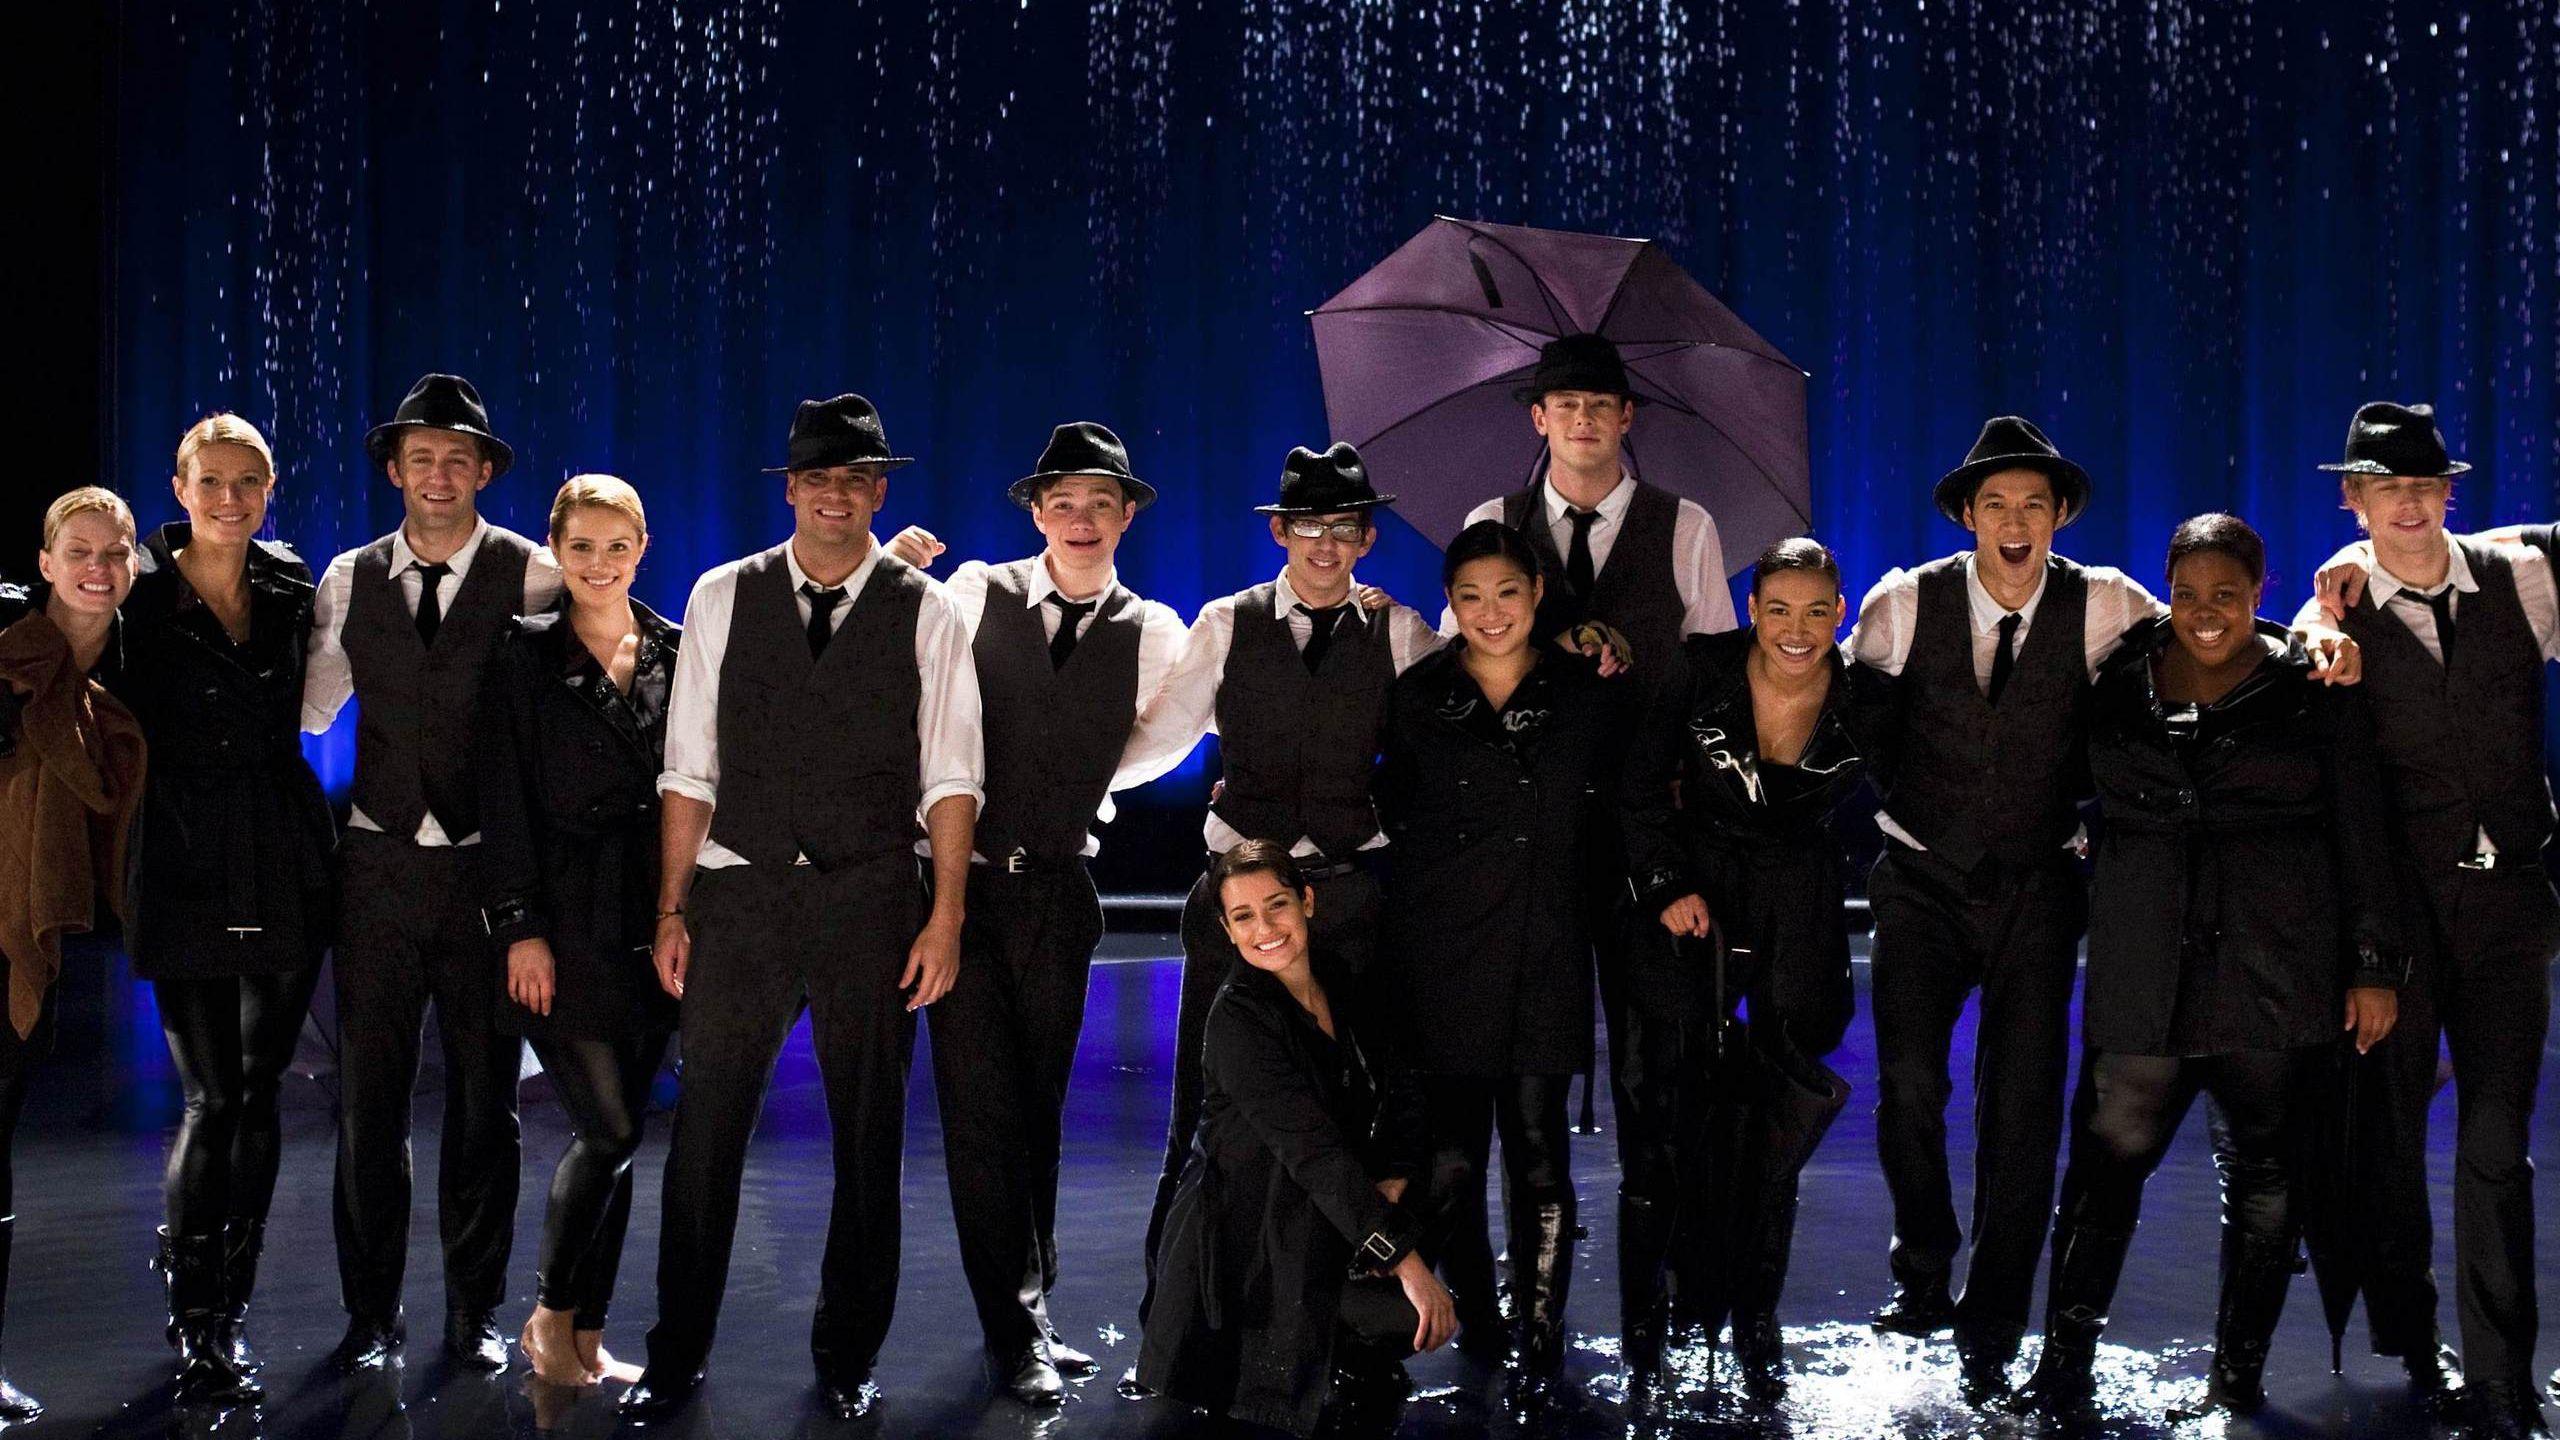 Glee Singing In The Rain Umbrella